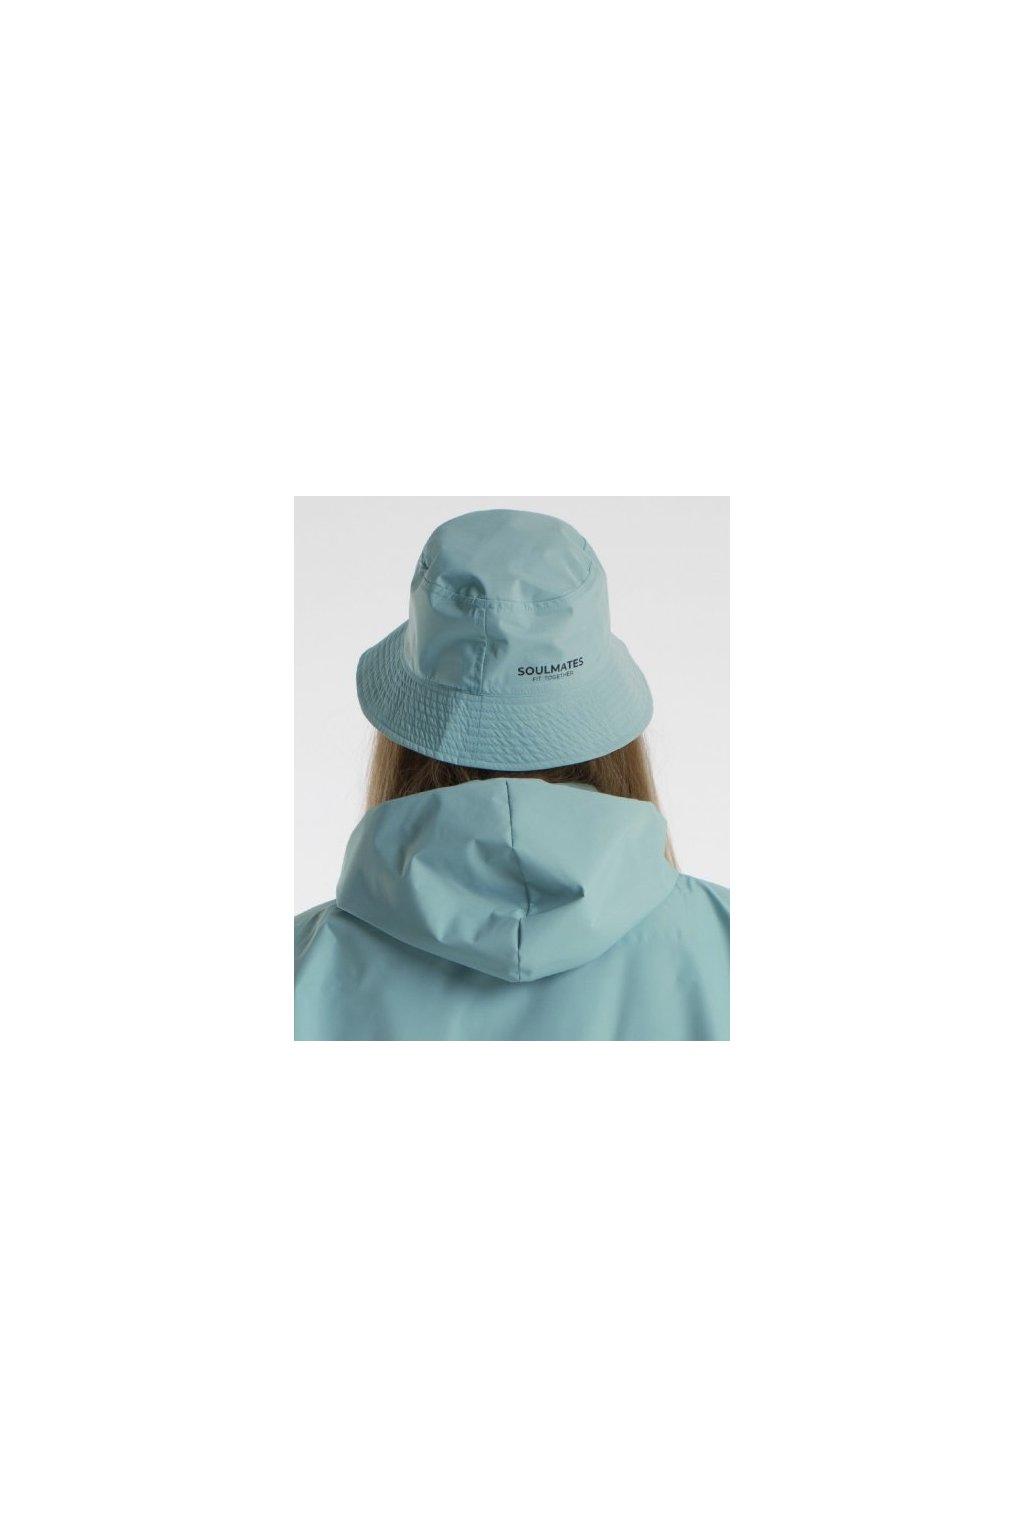 Kloubouček SOULMATES dětský • tiffany blue / tiffany modrá